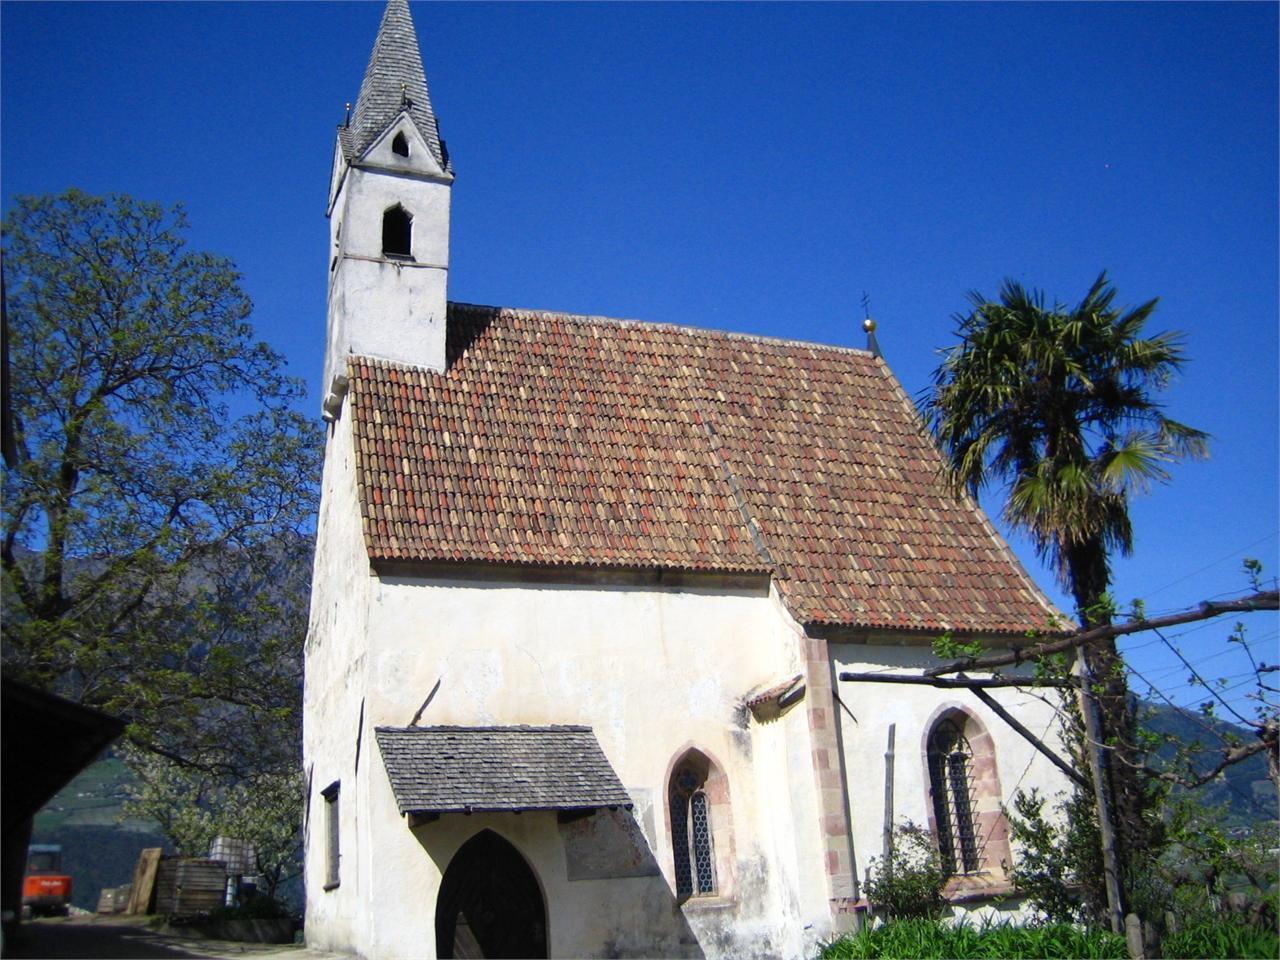 Visita storico culturale al paese e alla chiesetta San Felice